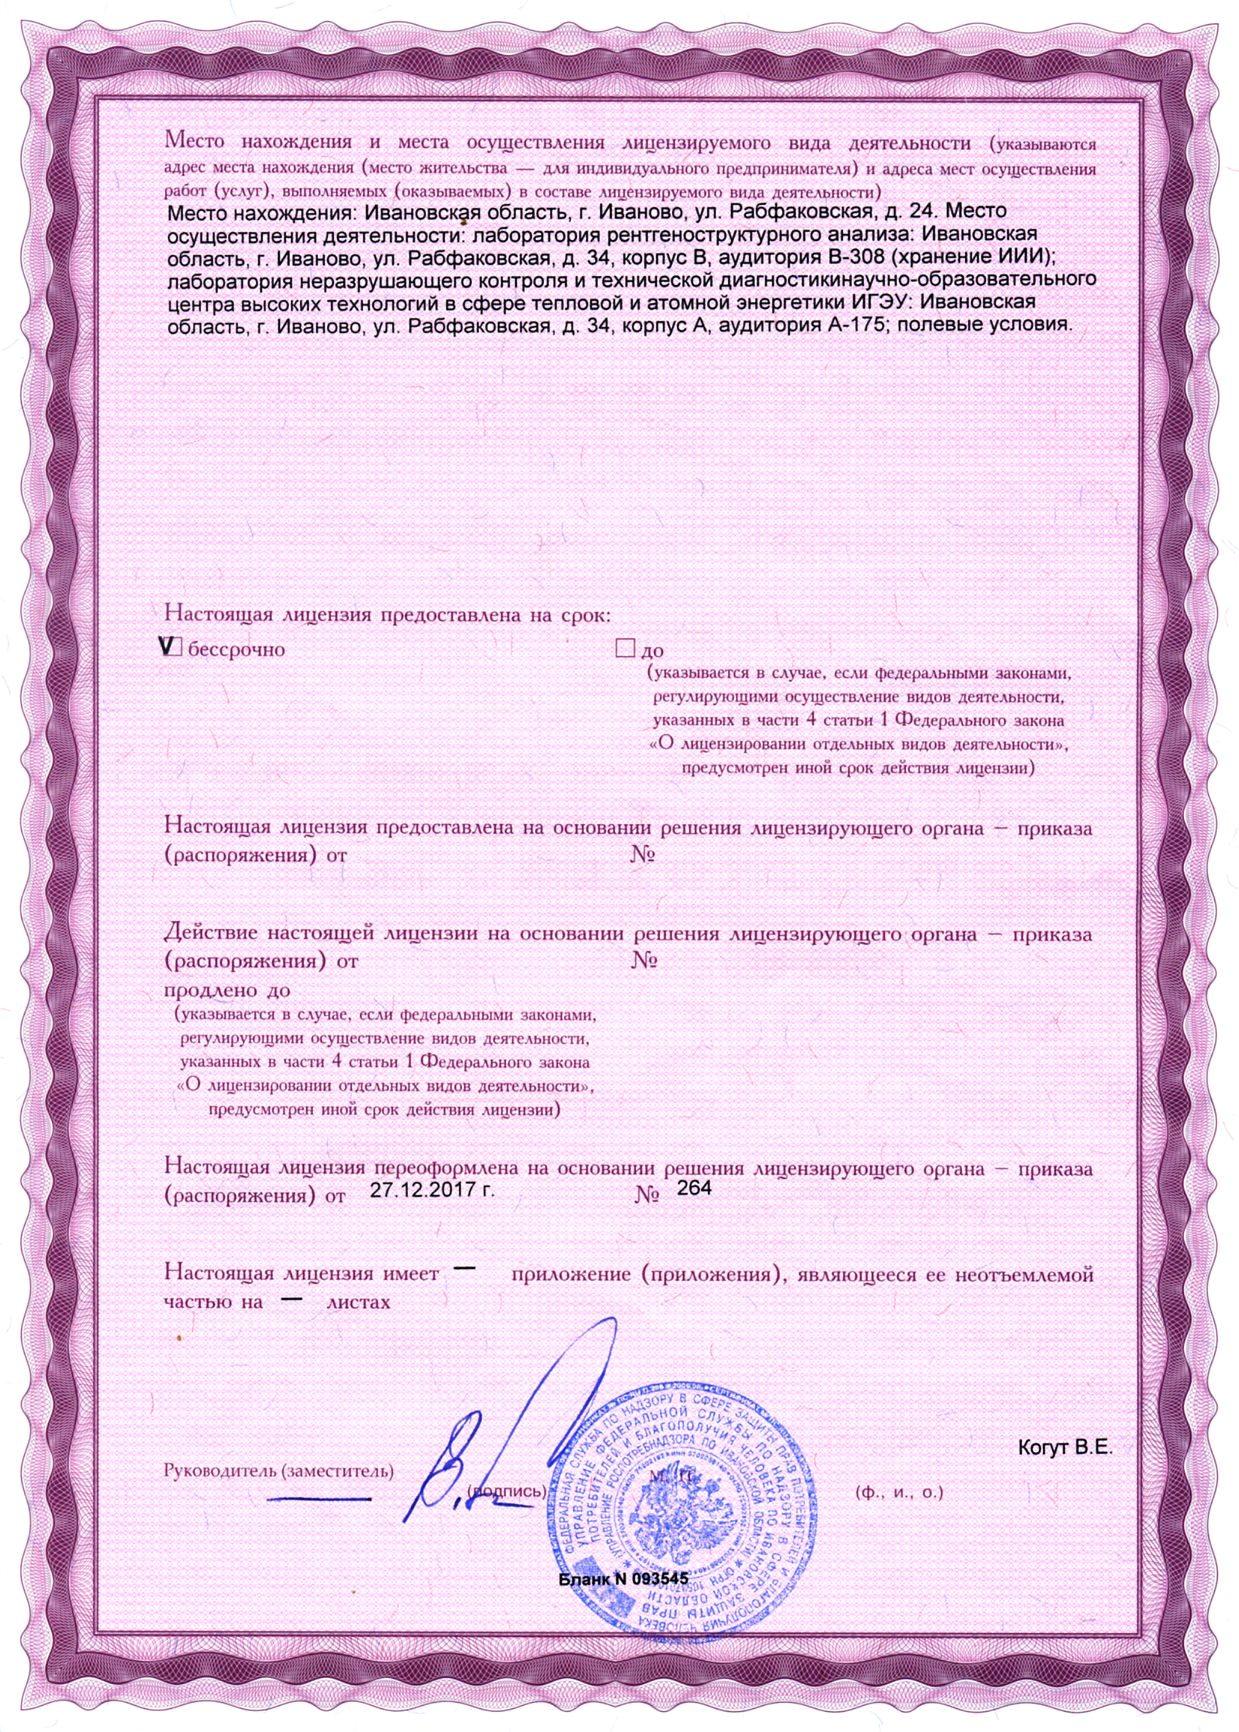 Документы министерства здравоохранения и социального развития рф.